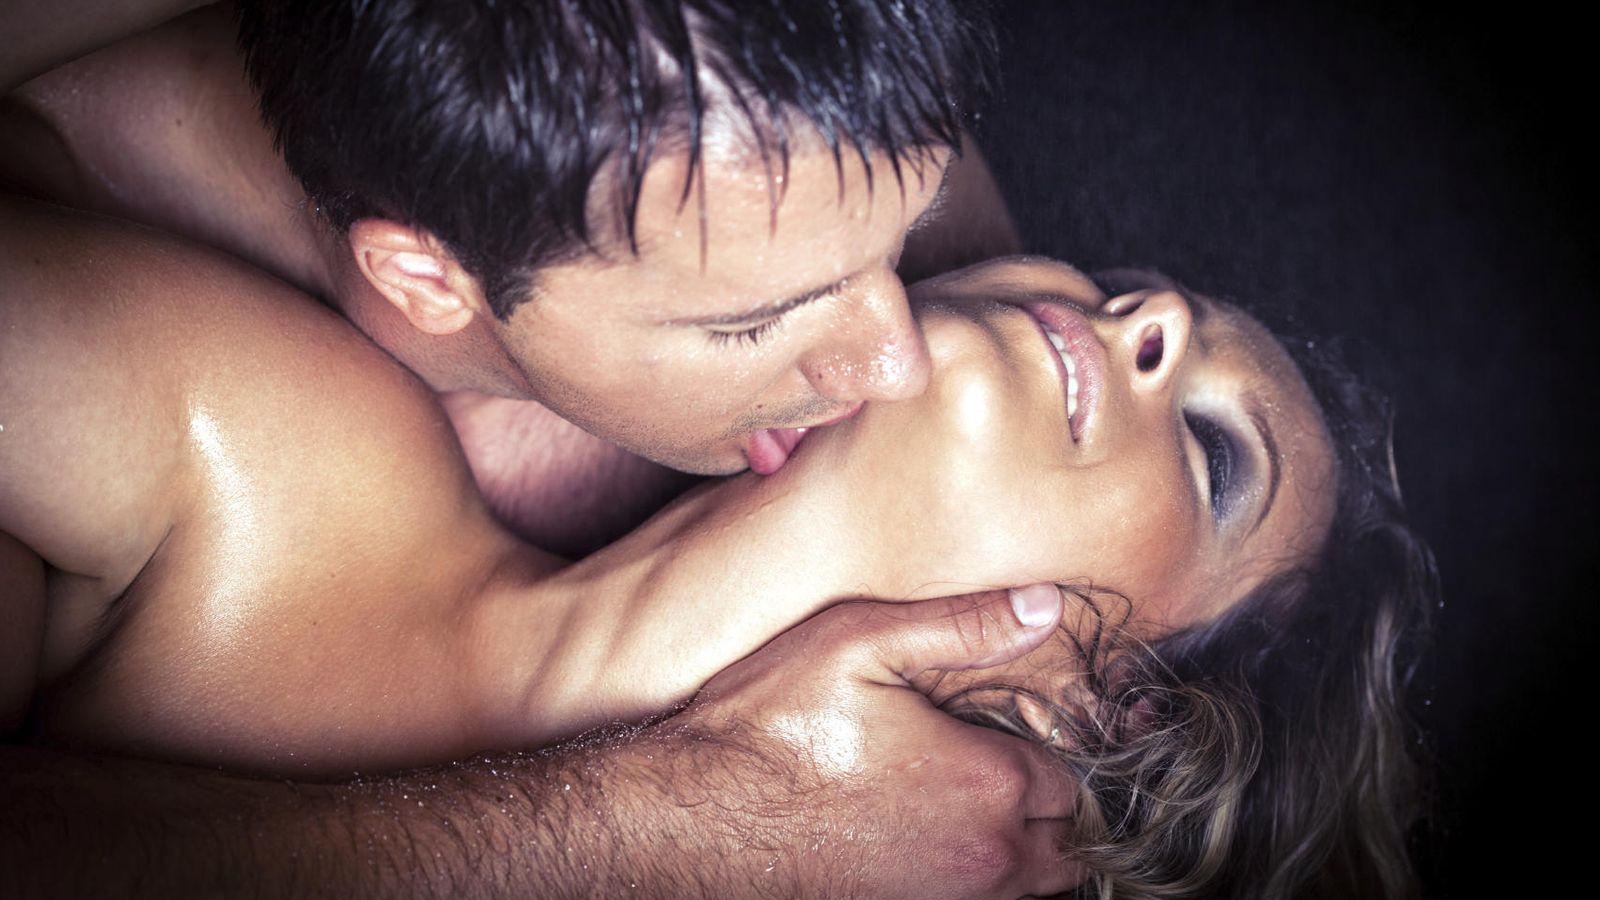 Orgasmo Los Ocho Pasos Para Conseguir El Orgasmo Femenino Más Intenso Y Placentero